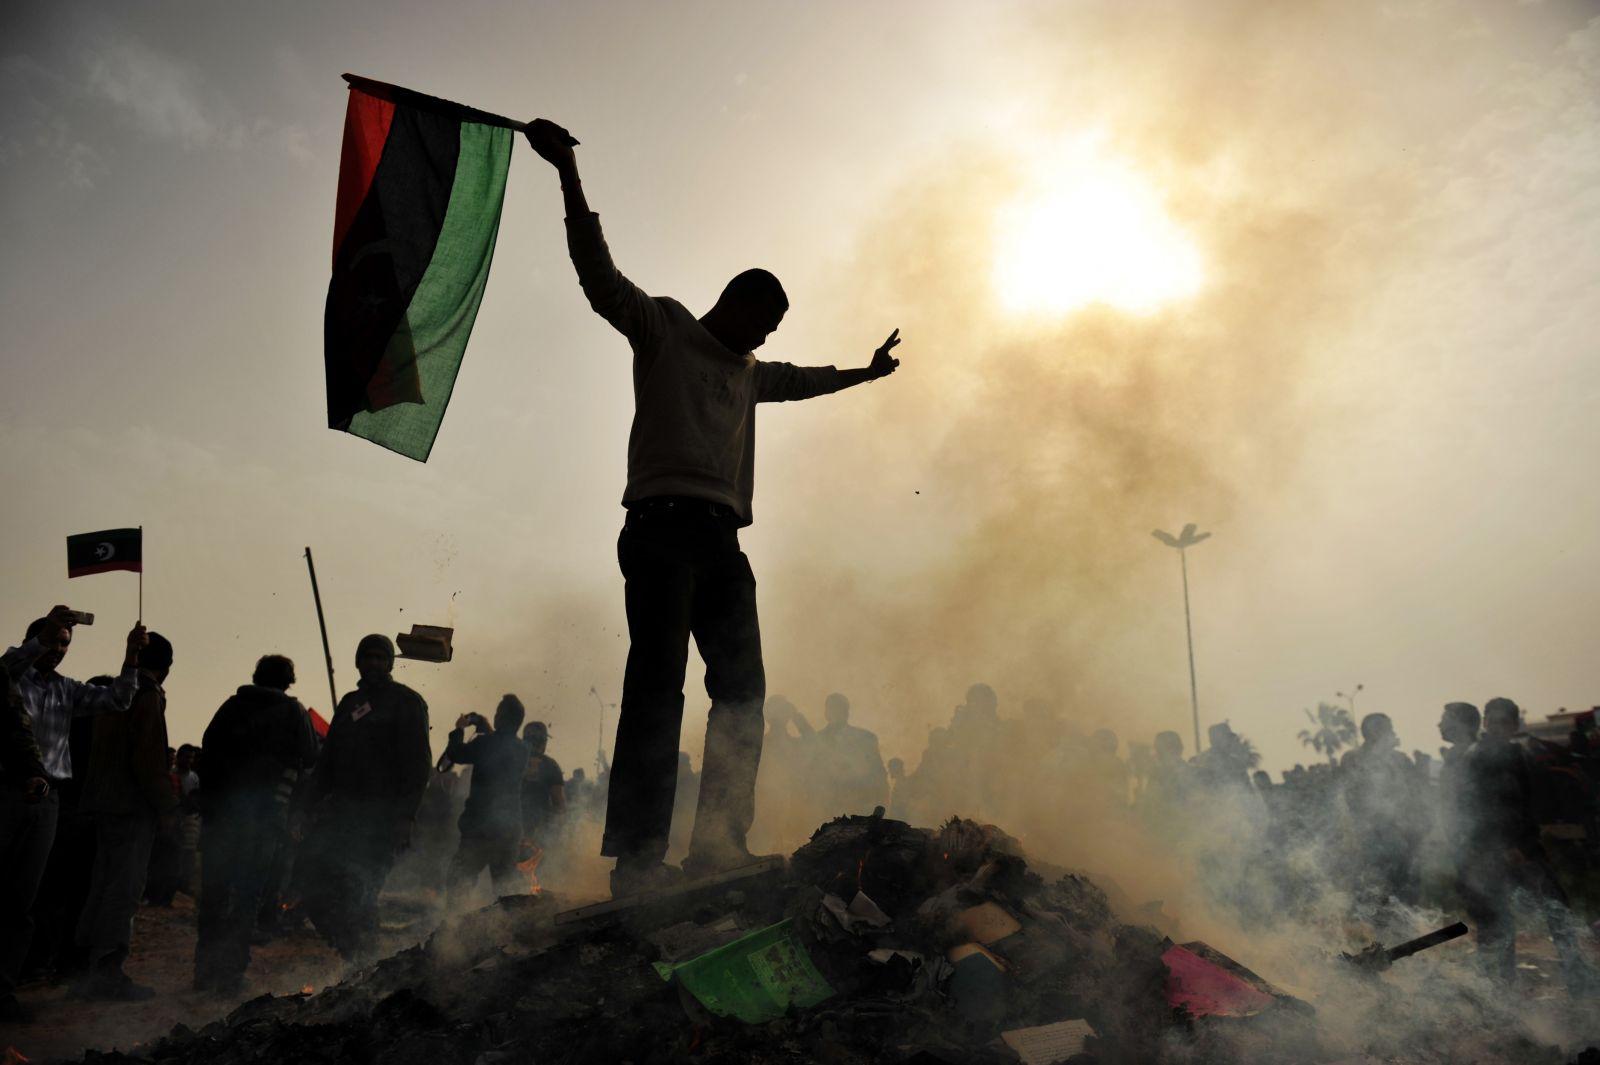 خبراء يحذرون من سلبية الدور الأمريكي في ليبيا